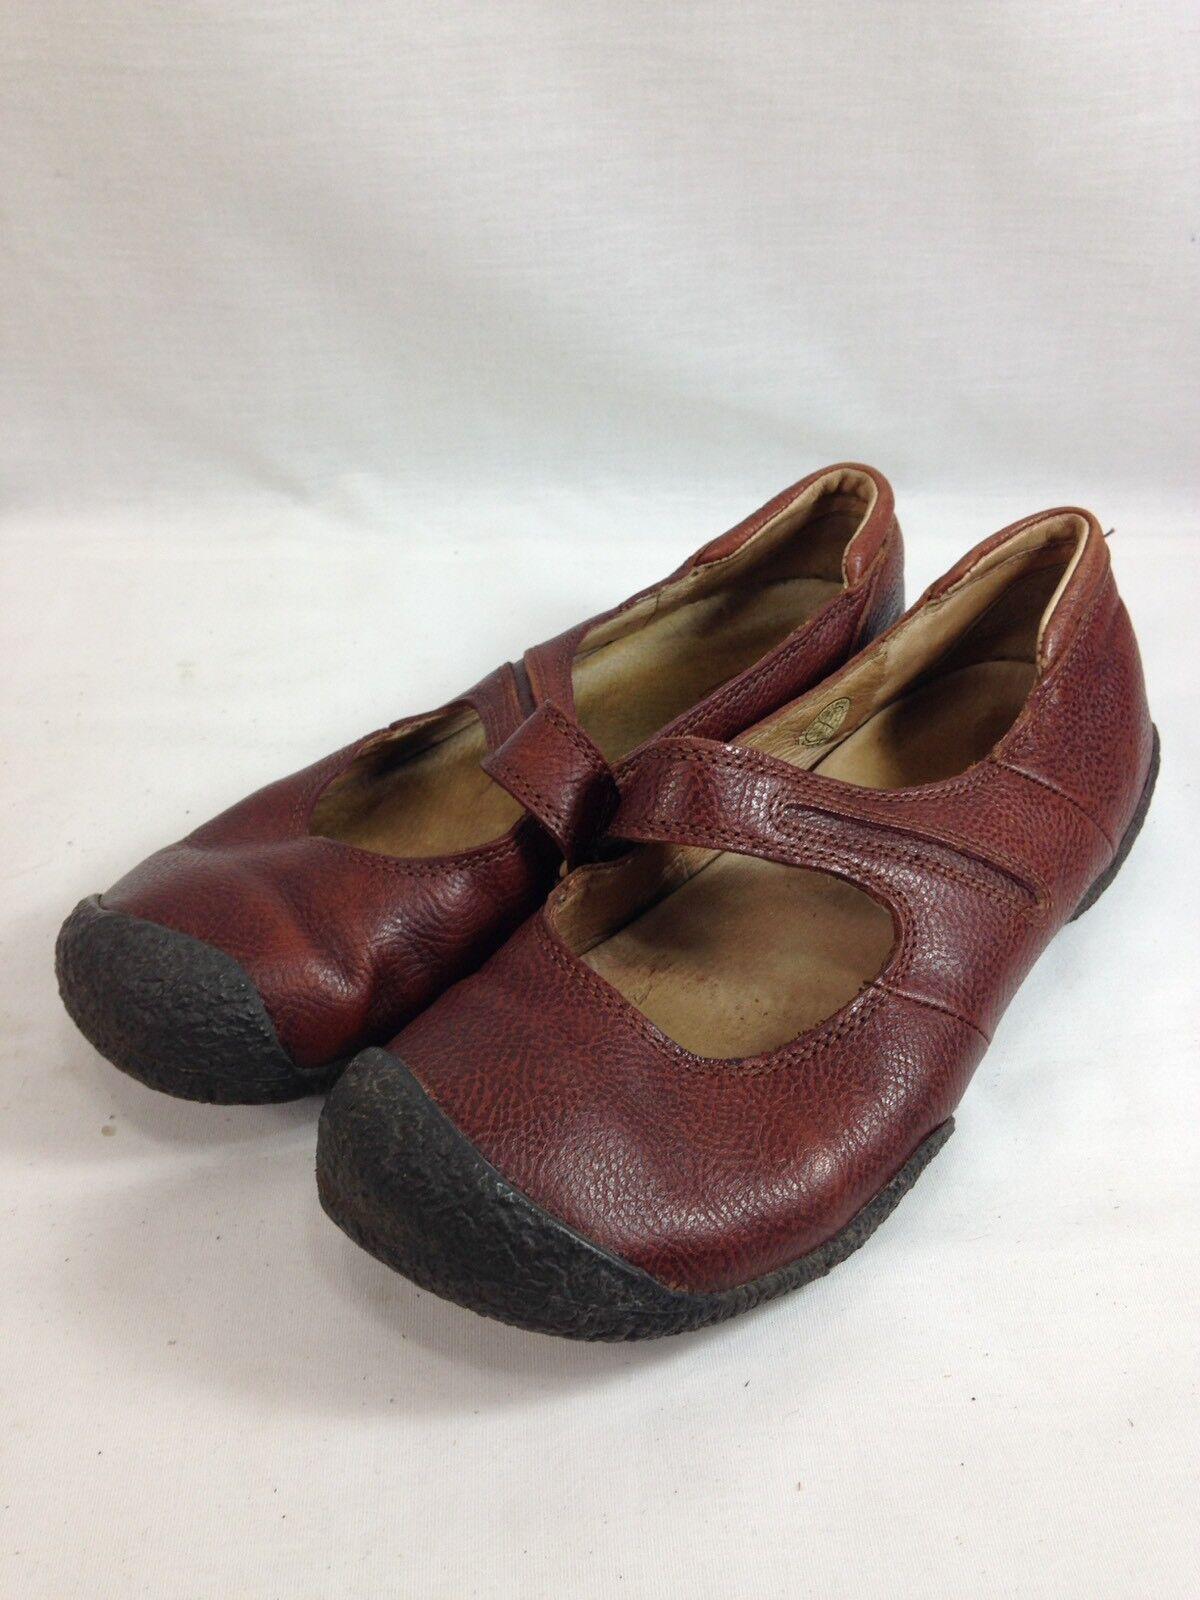 Zapatos Keen Mary Jane Jane Jane para Mujer 9.5 marrón cuero confort antideslizante en pisos Informal Vestido c140df